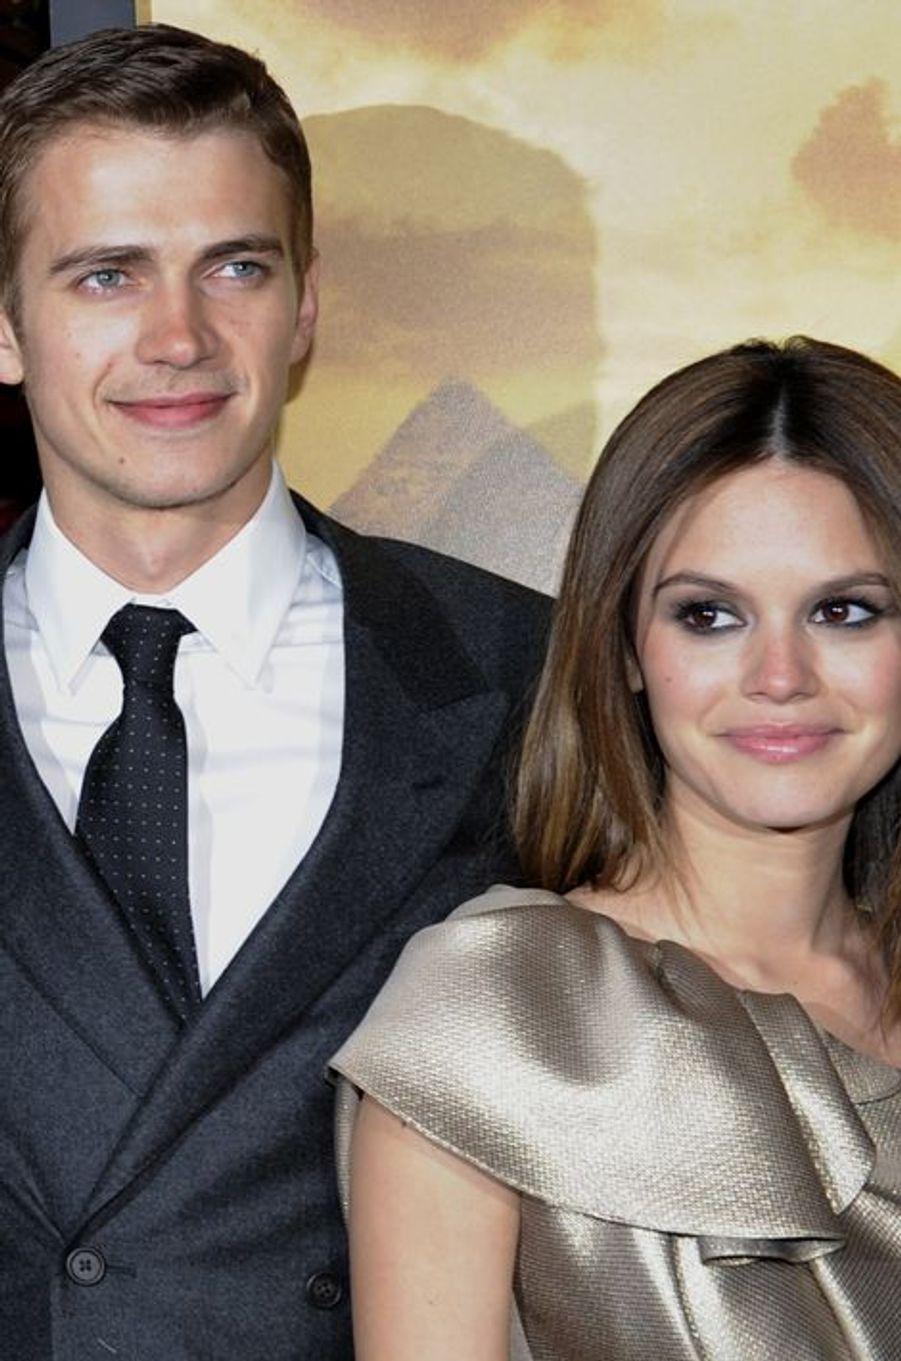 La célèbre brunette et son compagnon, l'acteur Hayden Christensen sont parents d'une petite Briar Rose, née en octobre 2014.